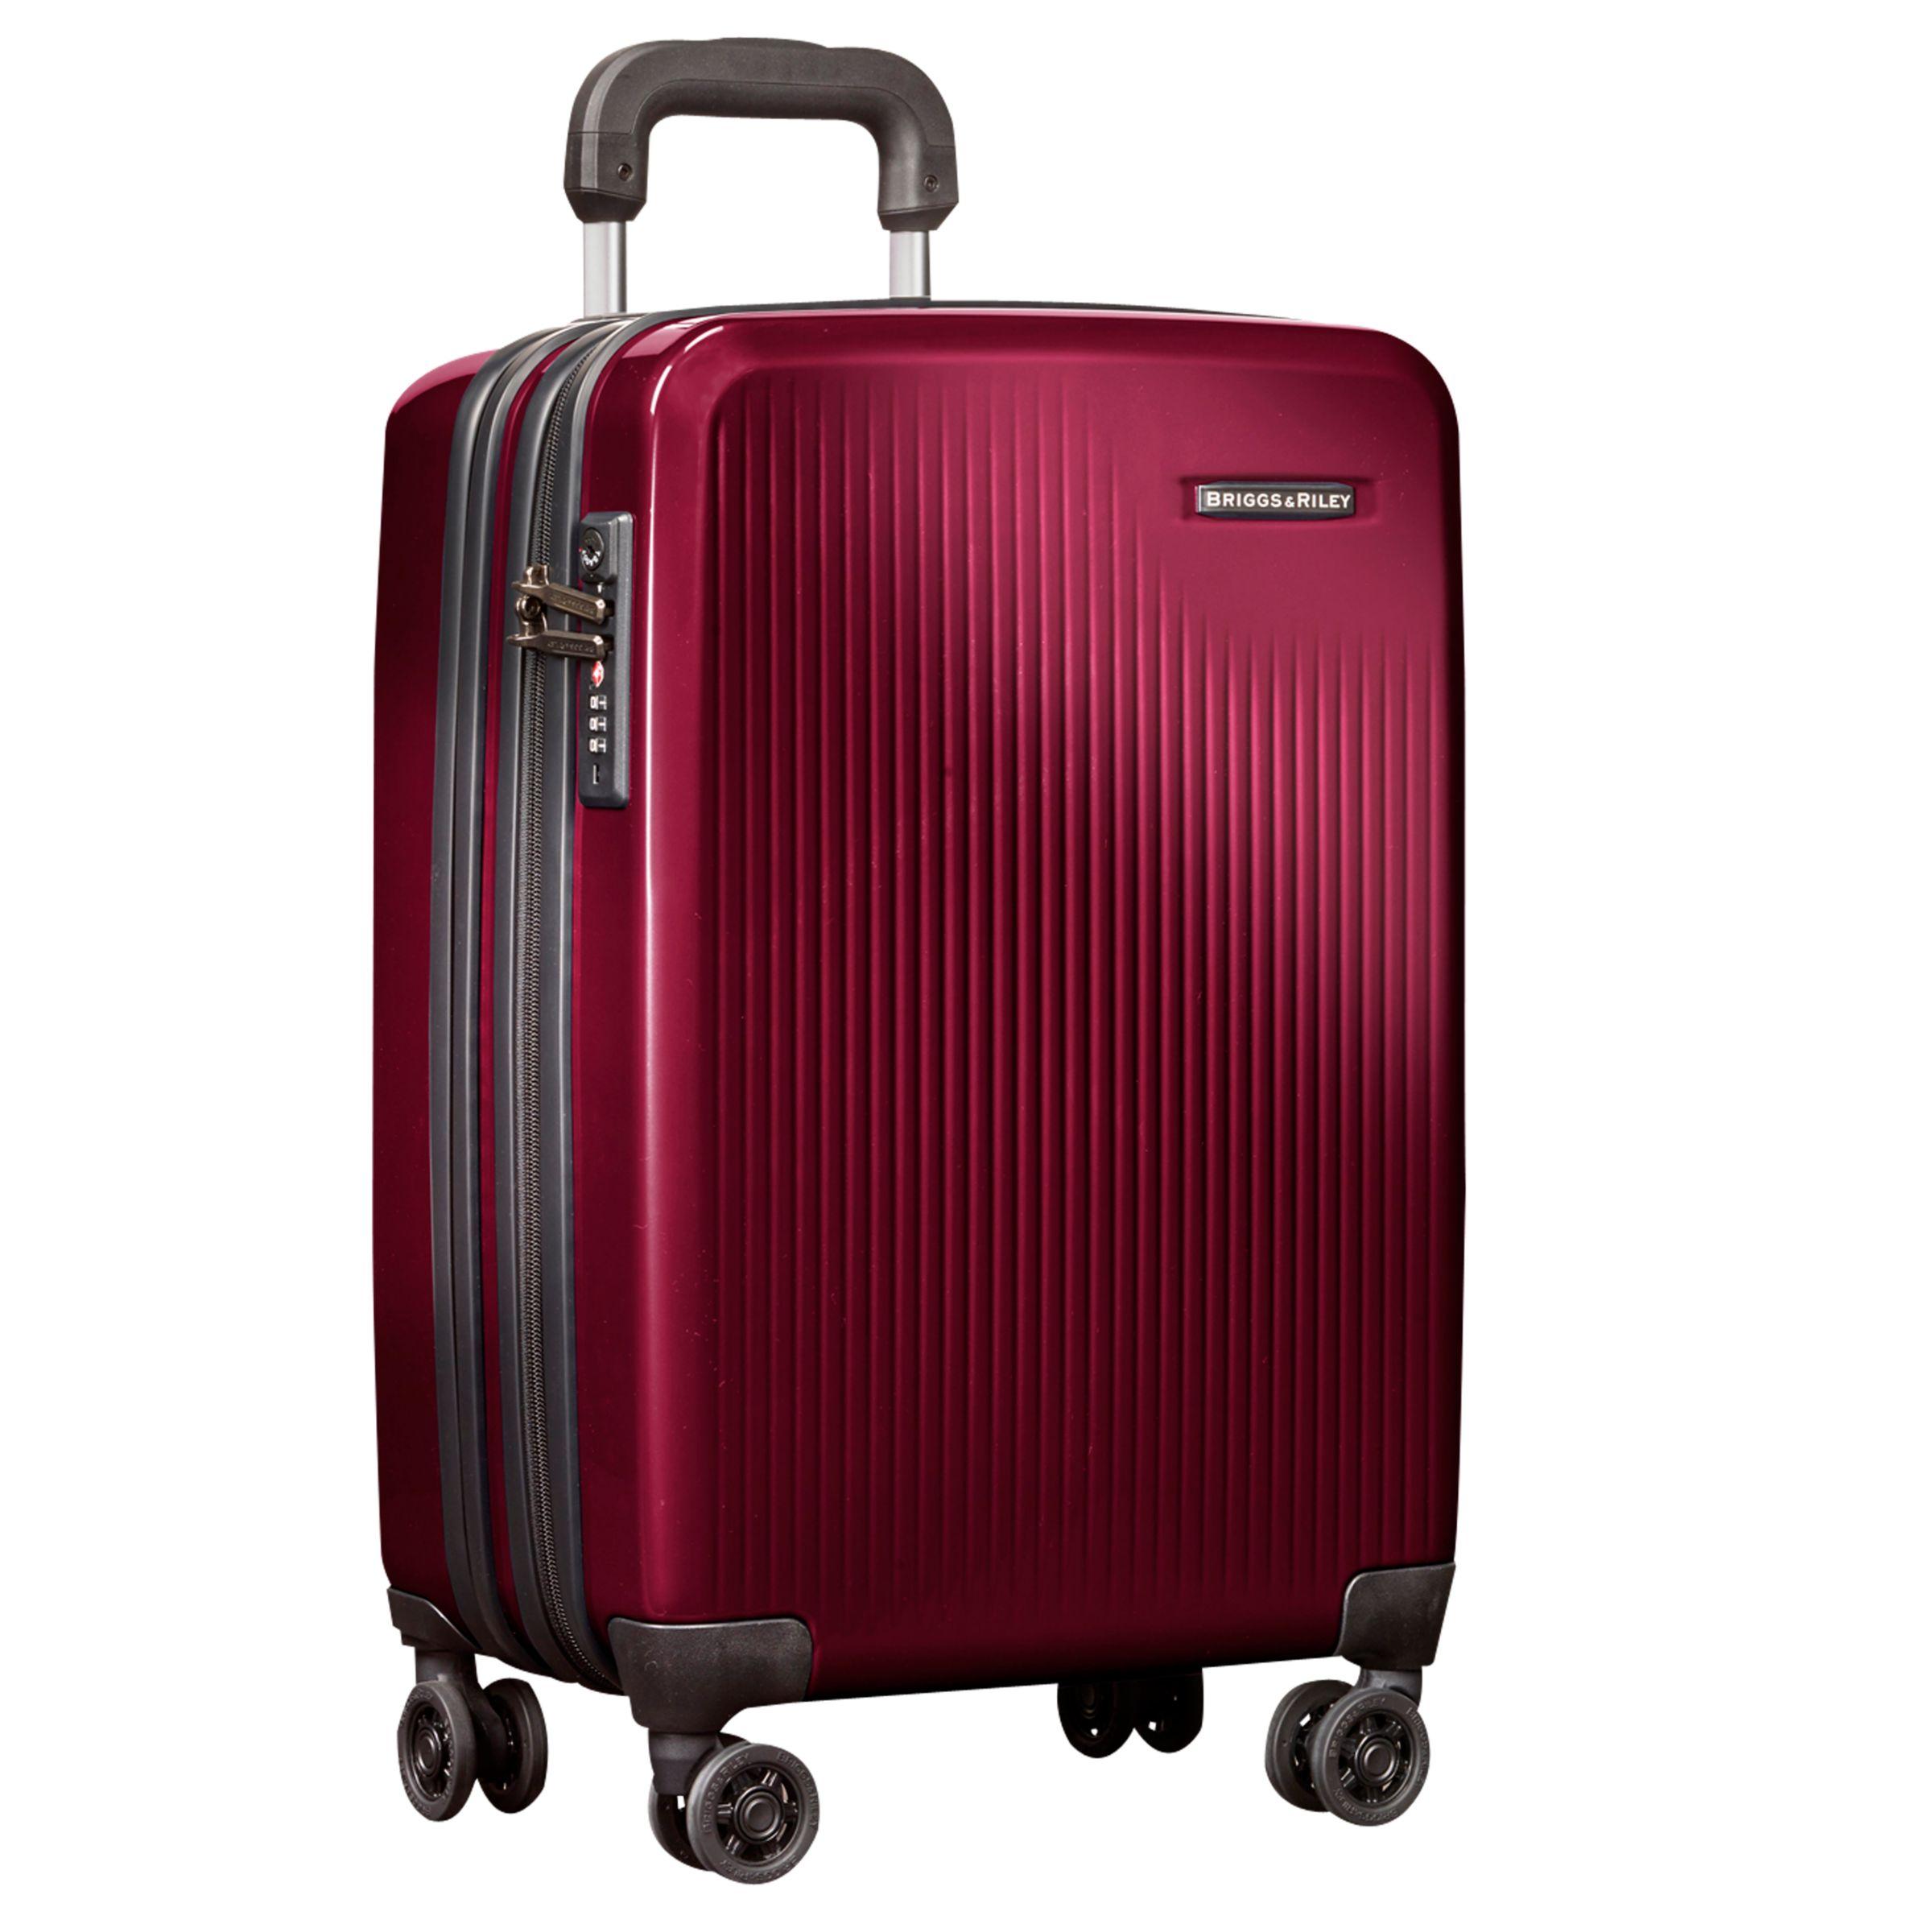 Briggs & Riley Briggs & Riley Sympatico 4-Wheel Expandable International Cabin Suitcase